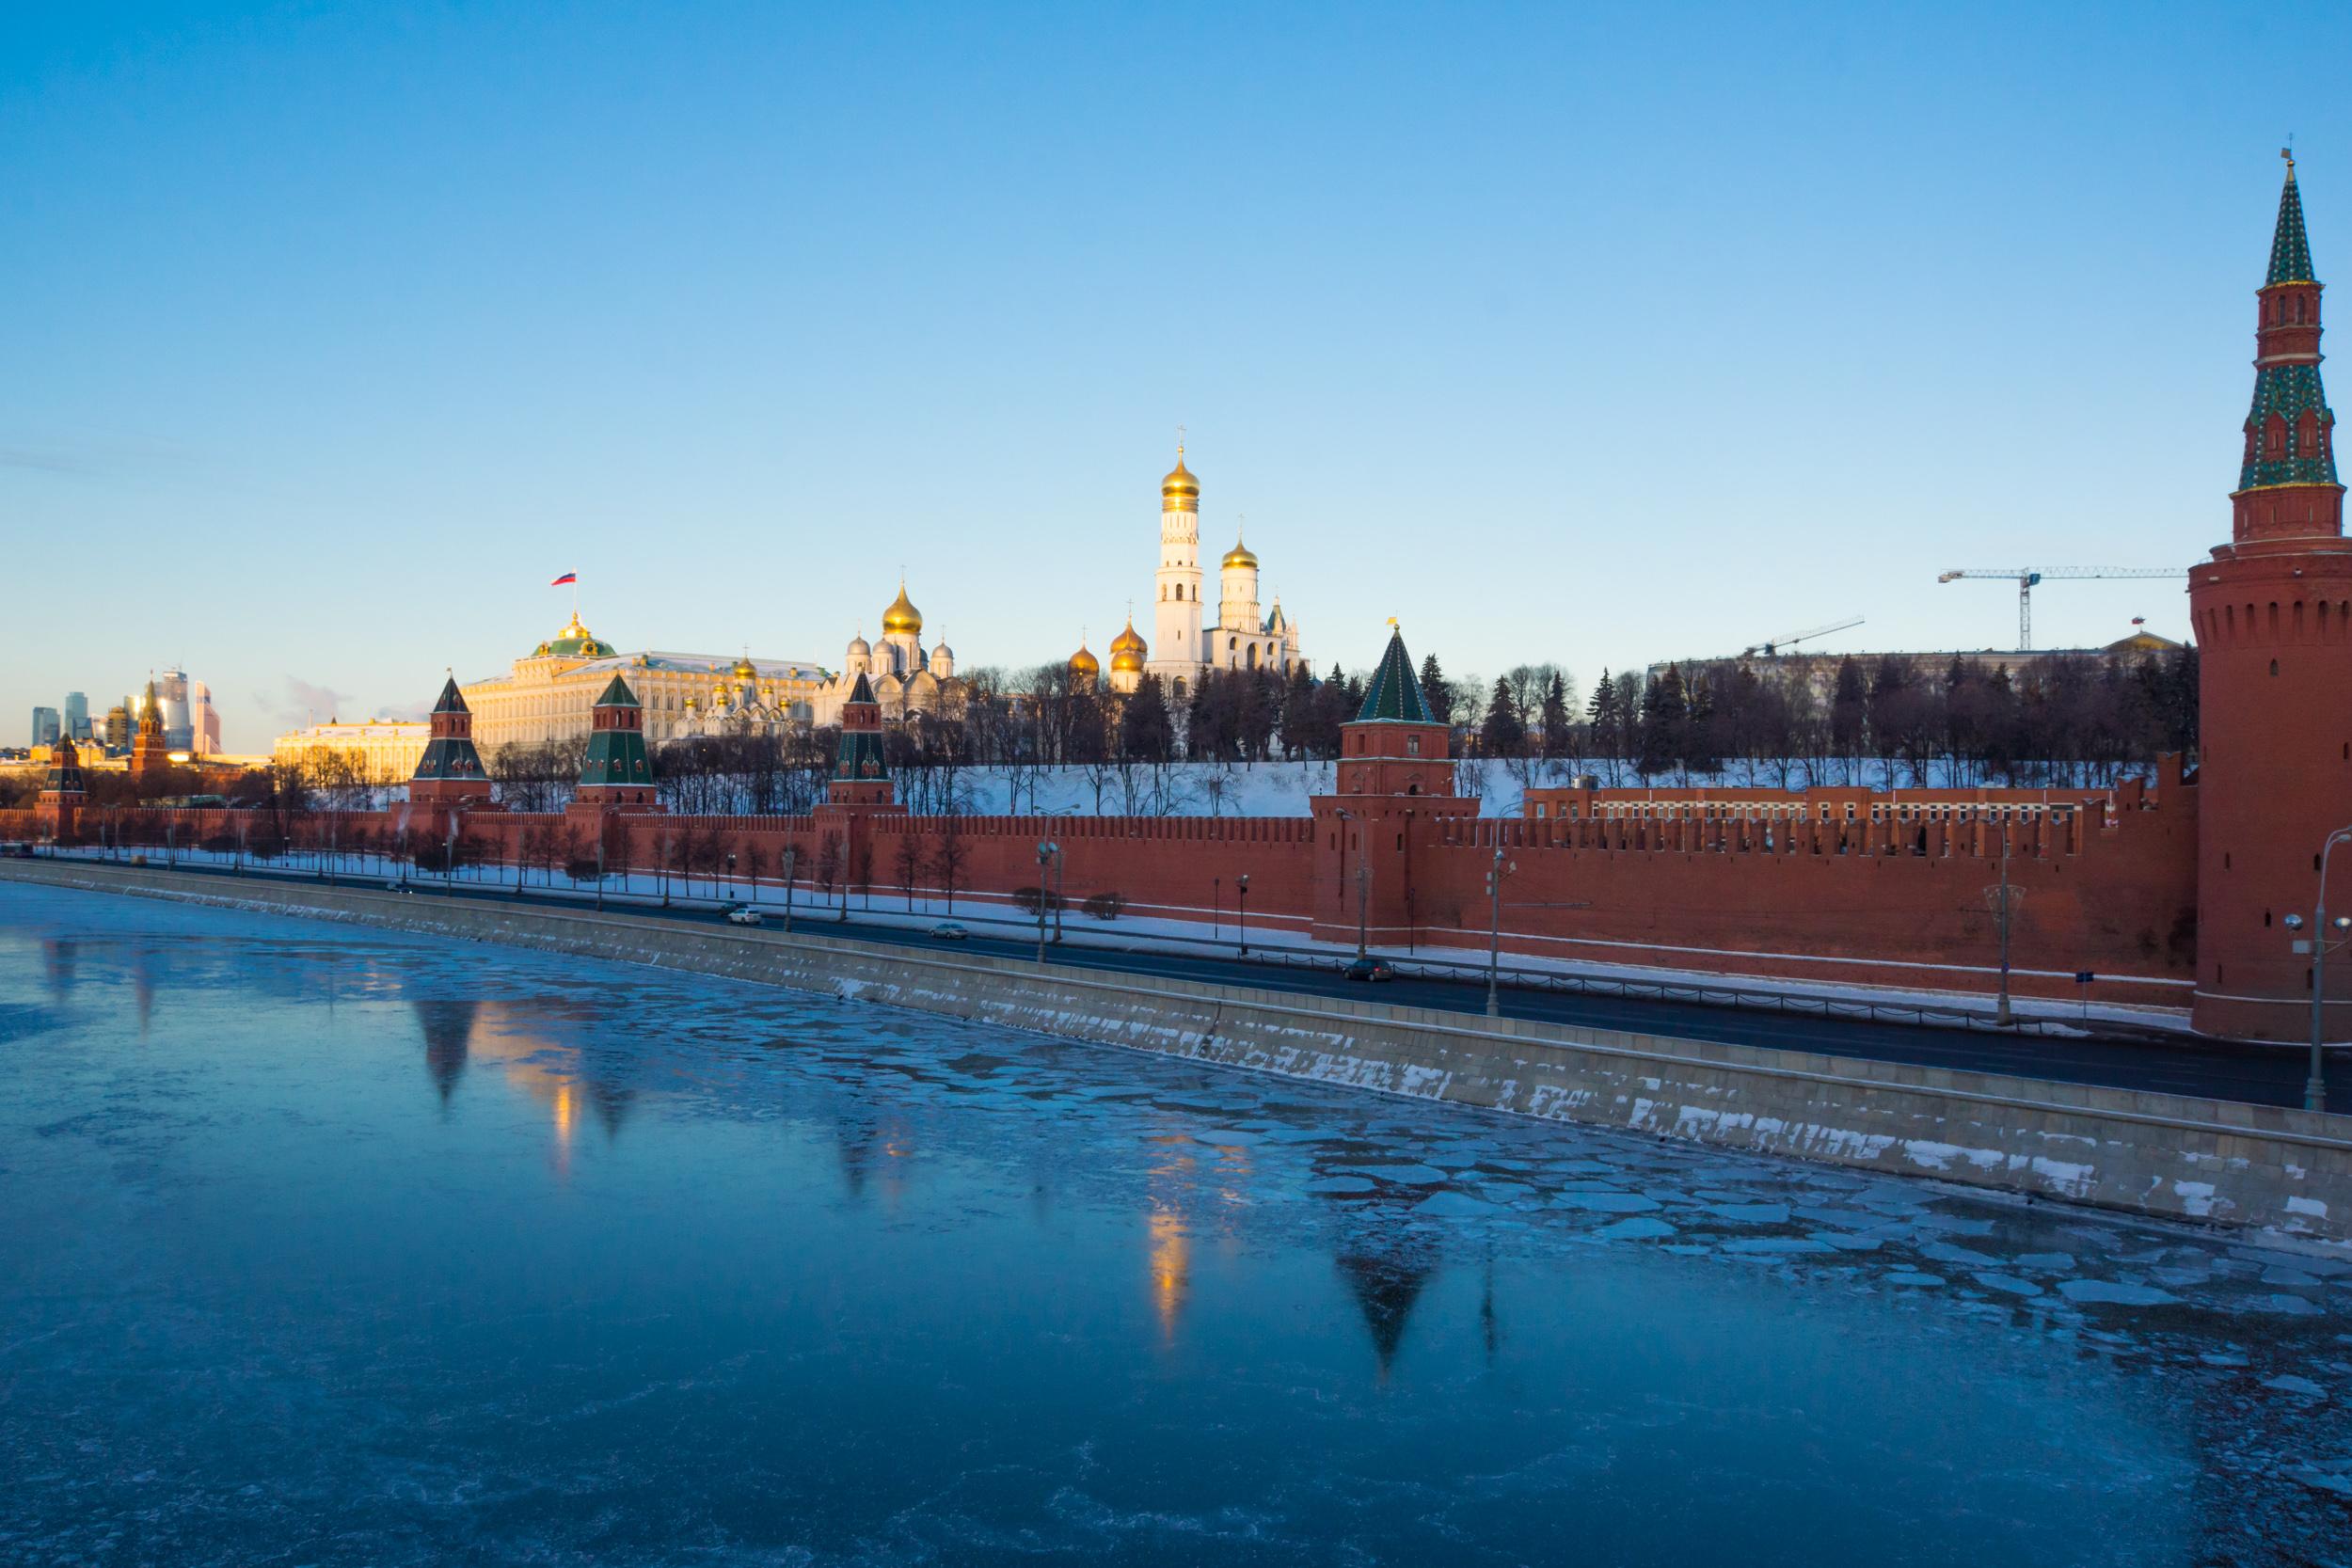 Вид на Кремлевскую набережную